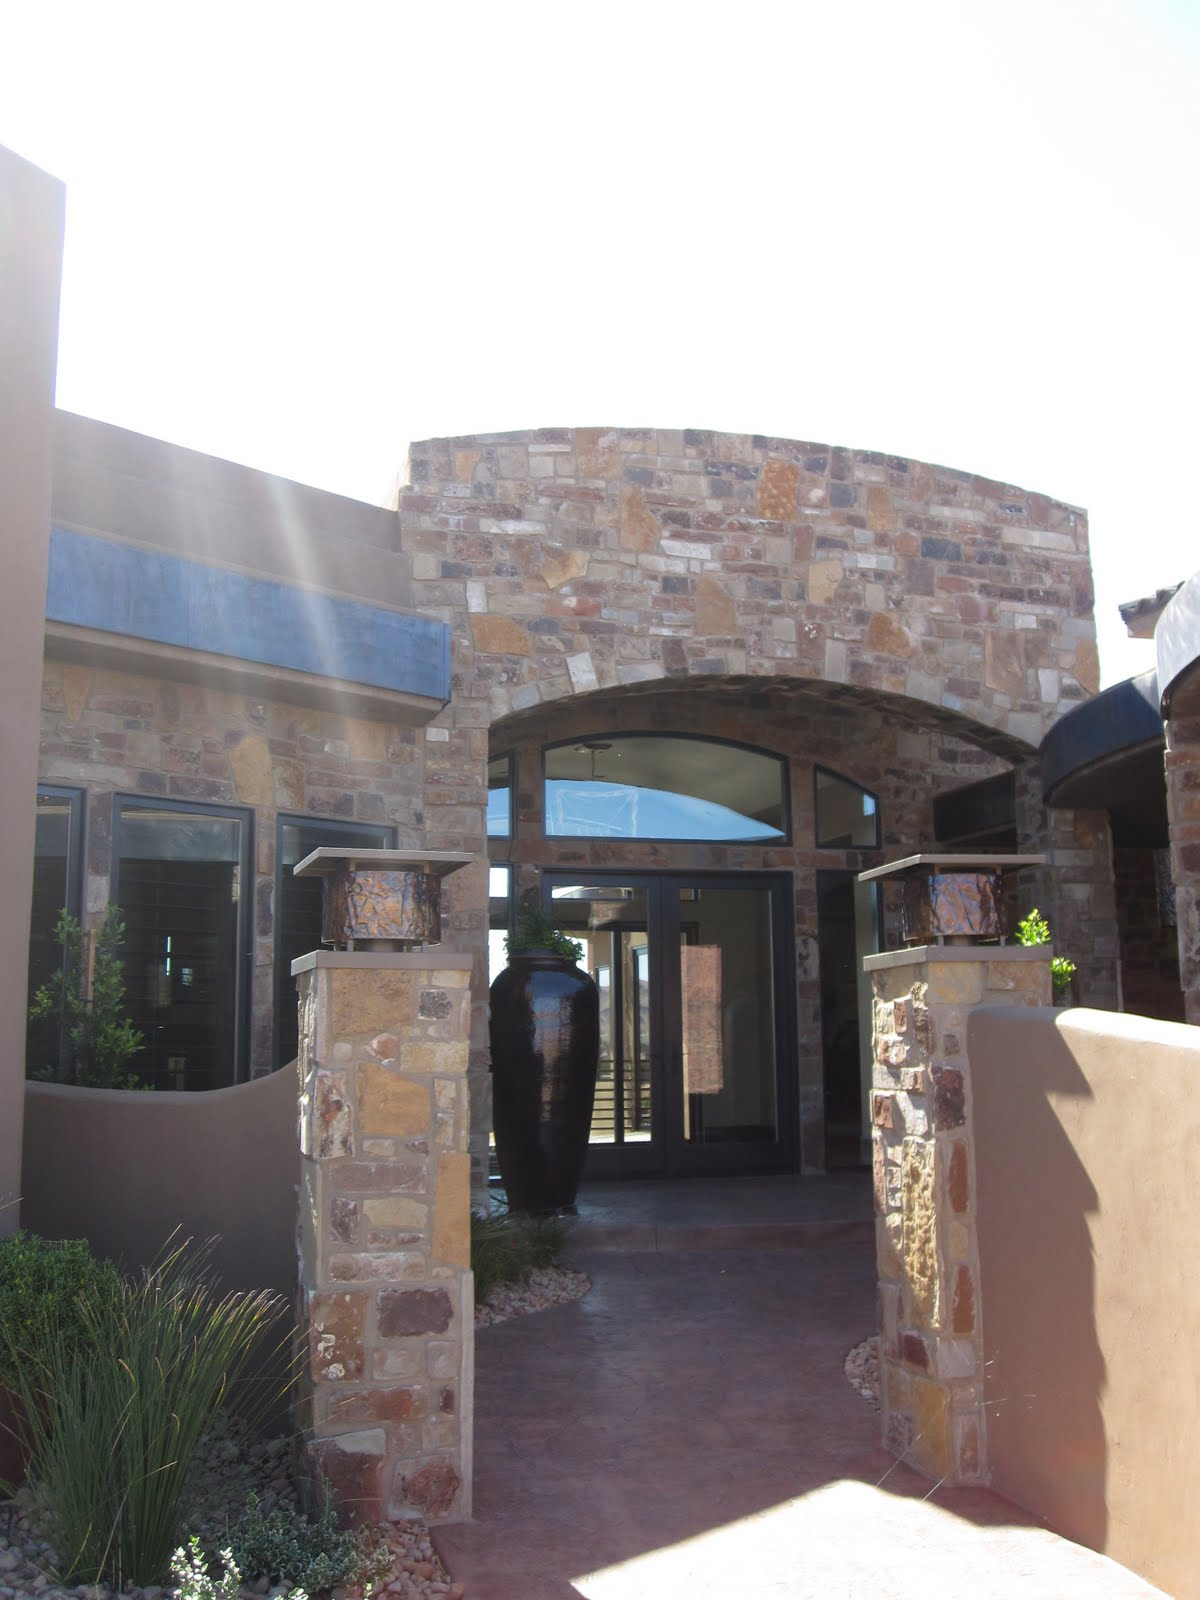 1600 #936738 BIG TIME House Lover : Garage Doors And Gates  St. George Utah pic Garage Doors In Utah 36111200